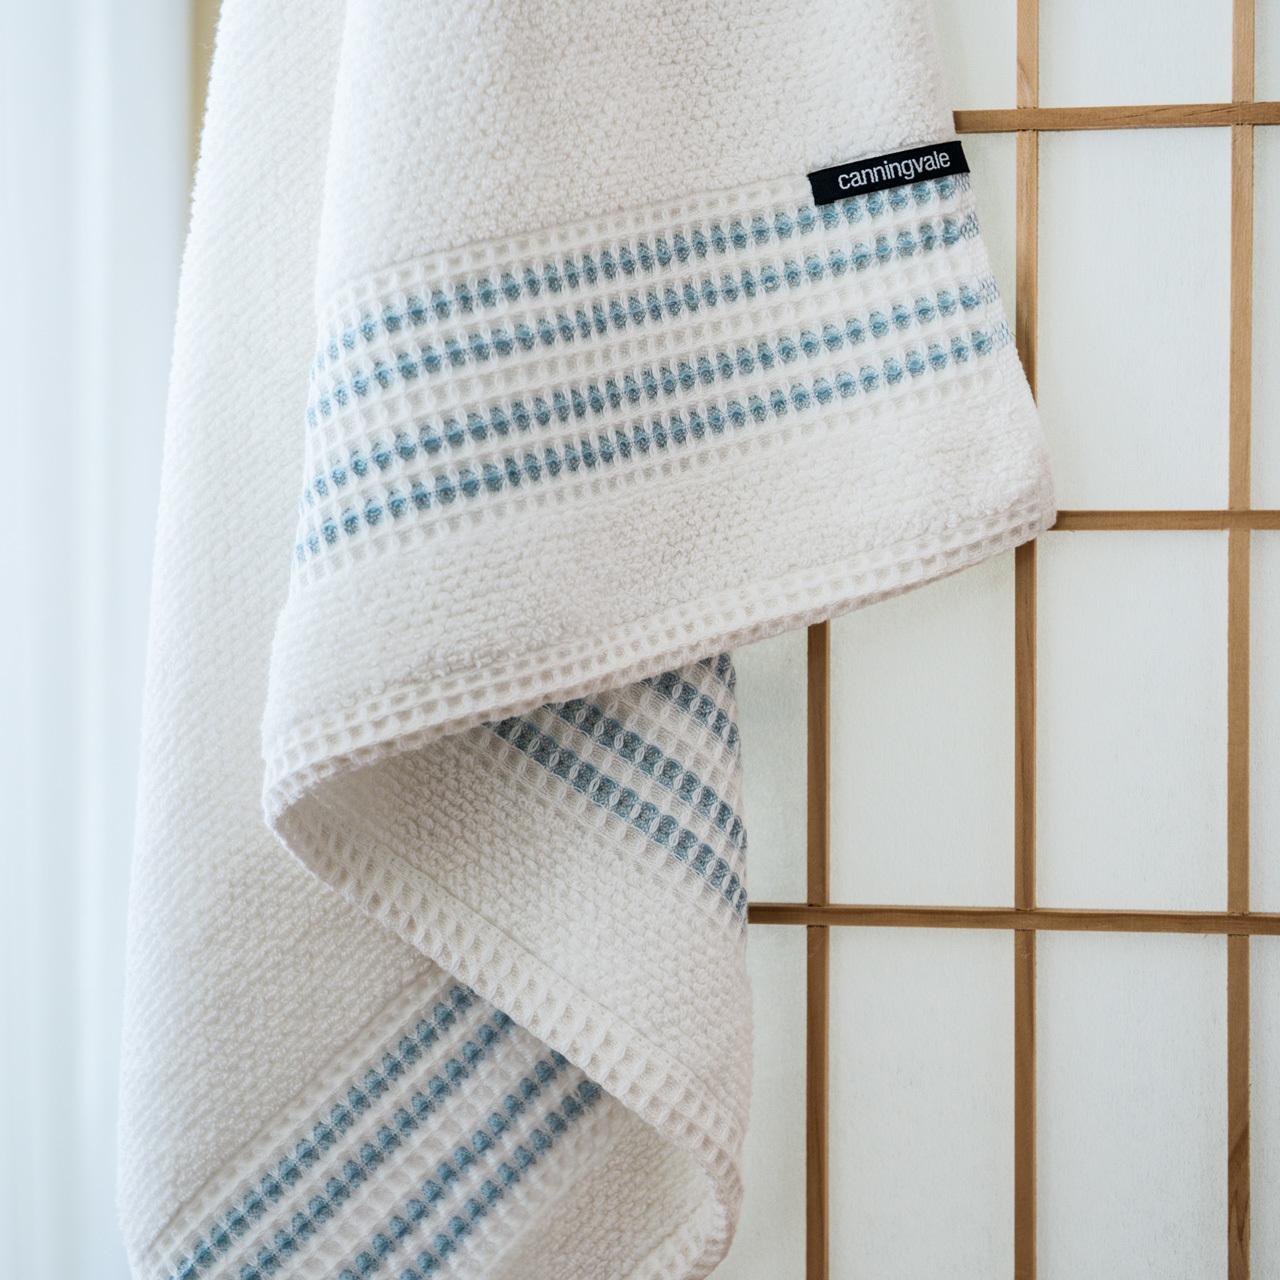 Canningvale Waffle Border Bath Towel Range